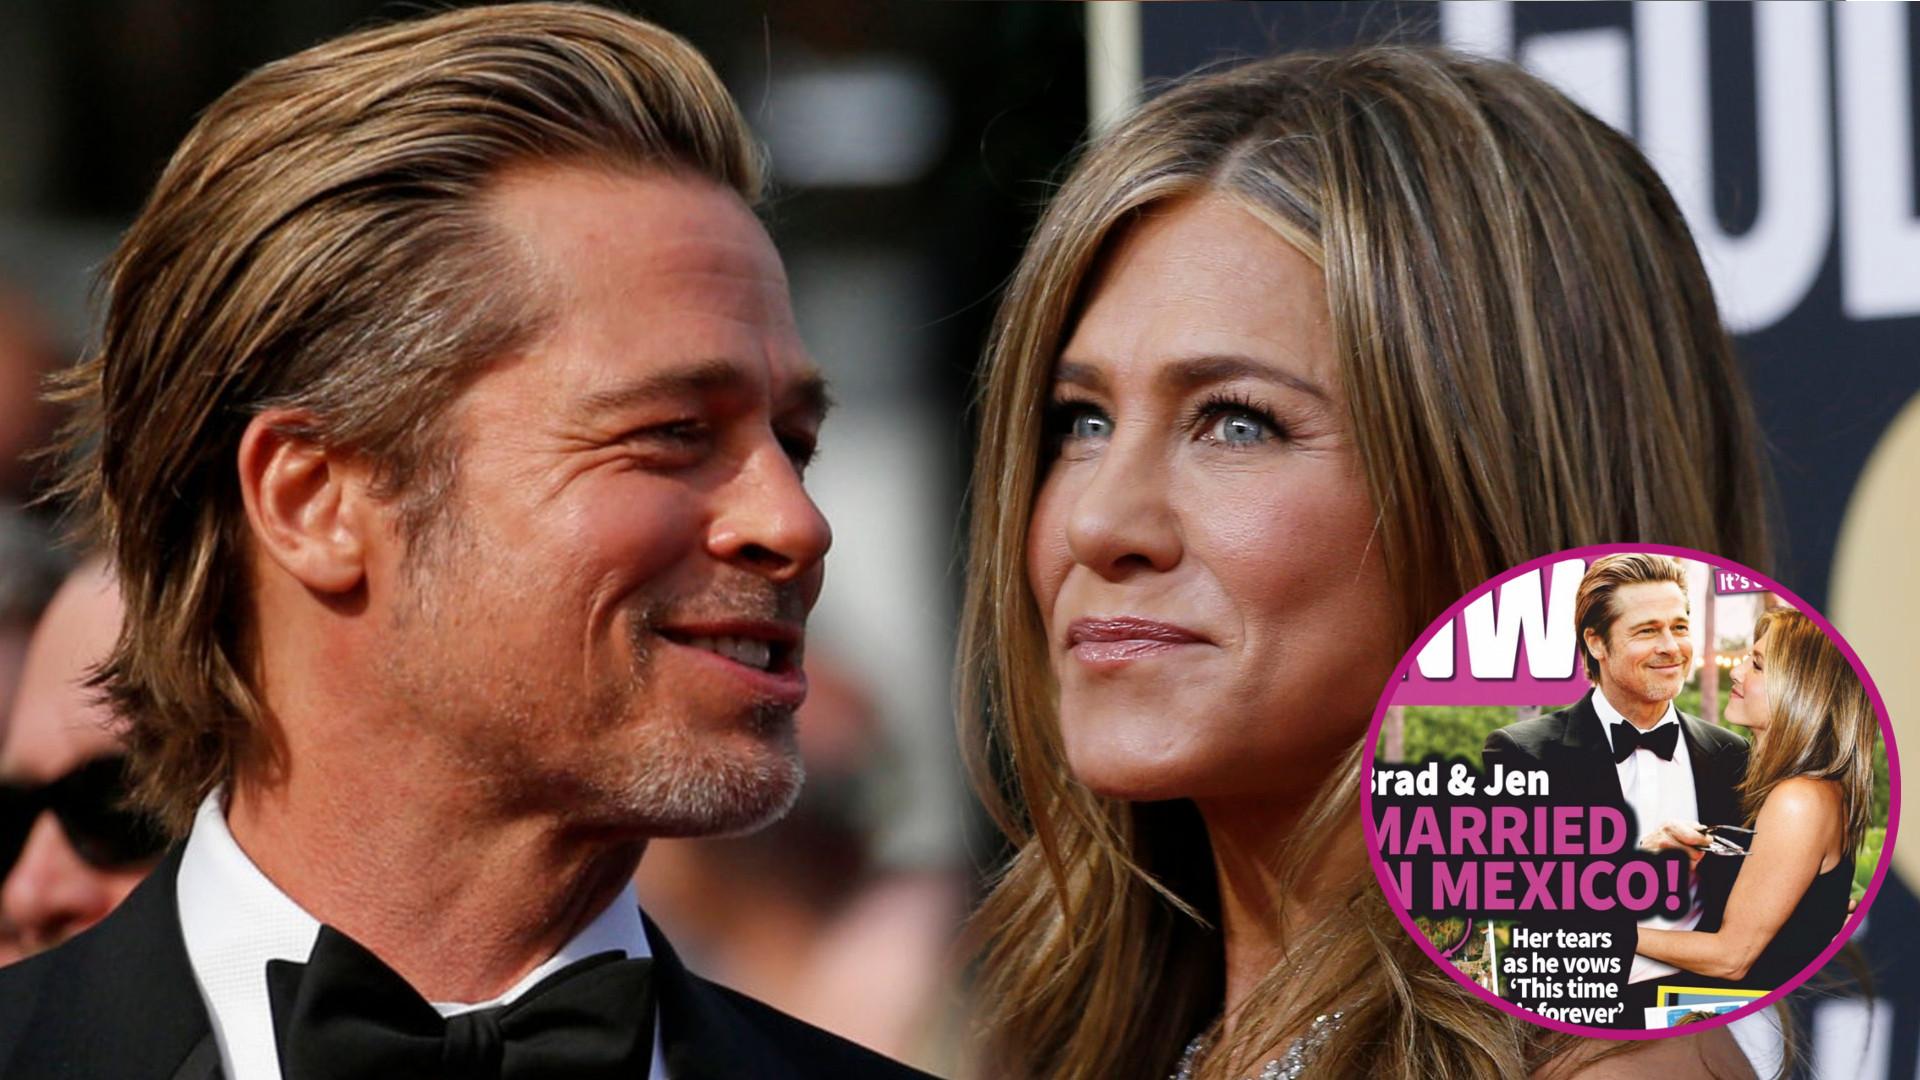 Jennifer Aniston i Brad Pitt WZIĘLI ŚLUB w Meksyku? Tabloid wie nawet, do jakiej piosenki tańczyli pierwszy taniec